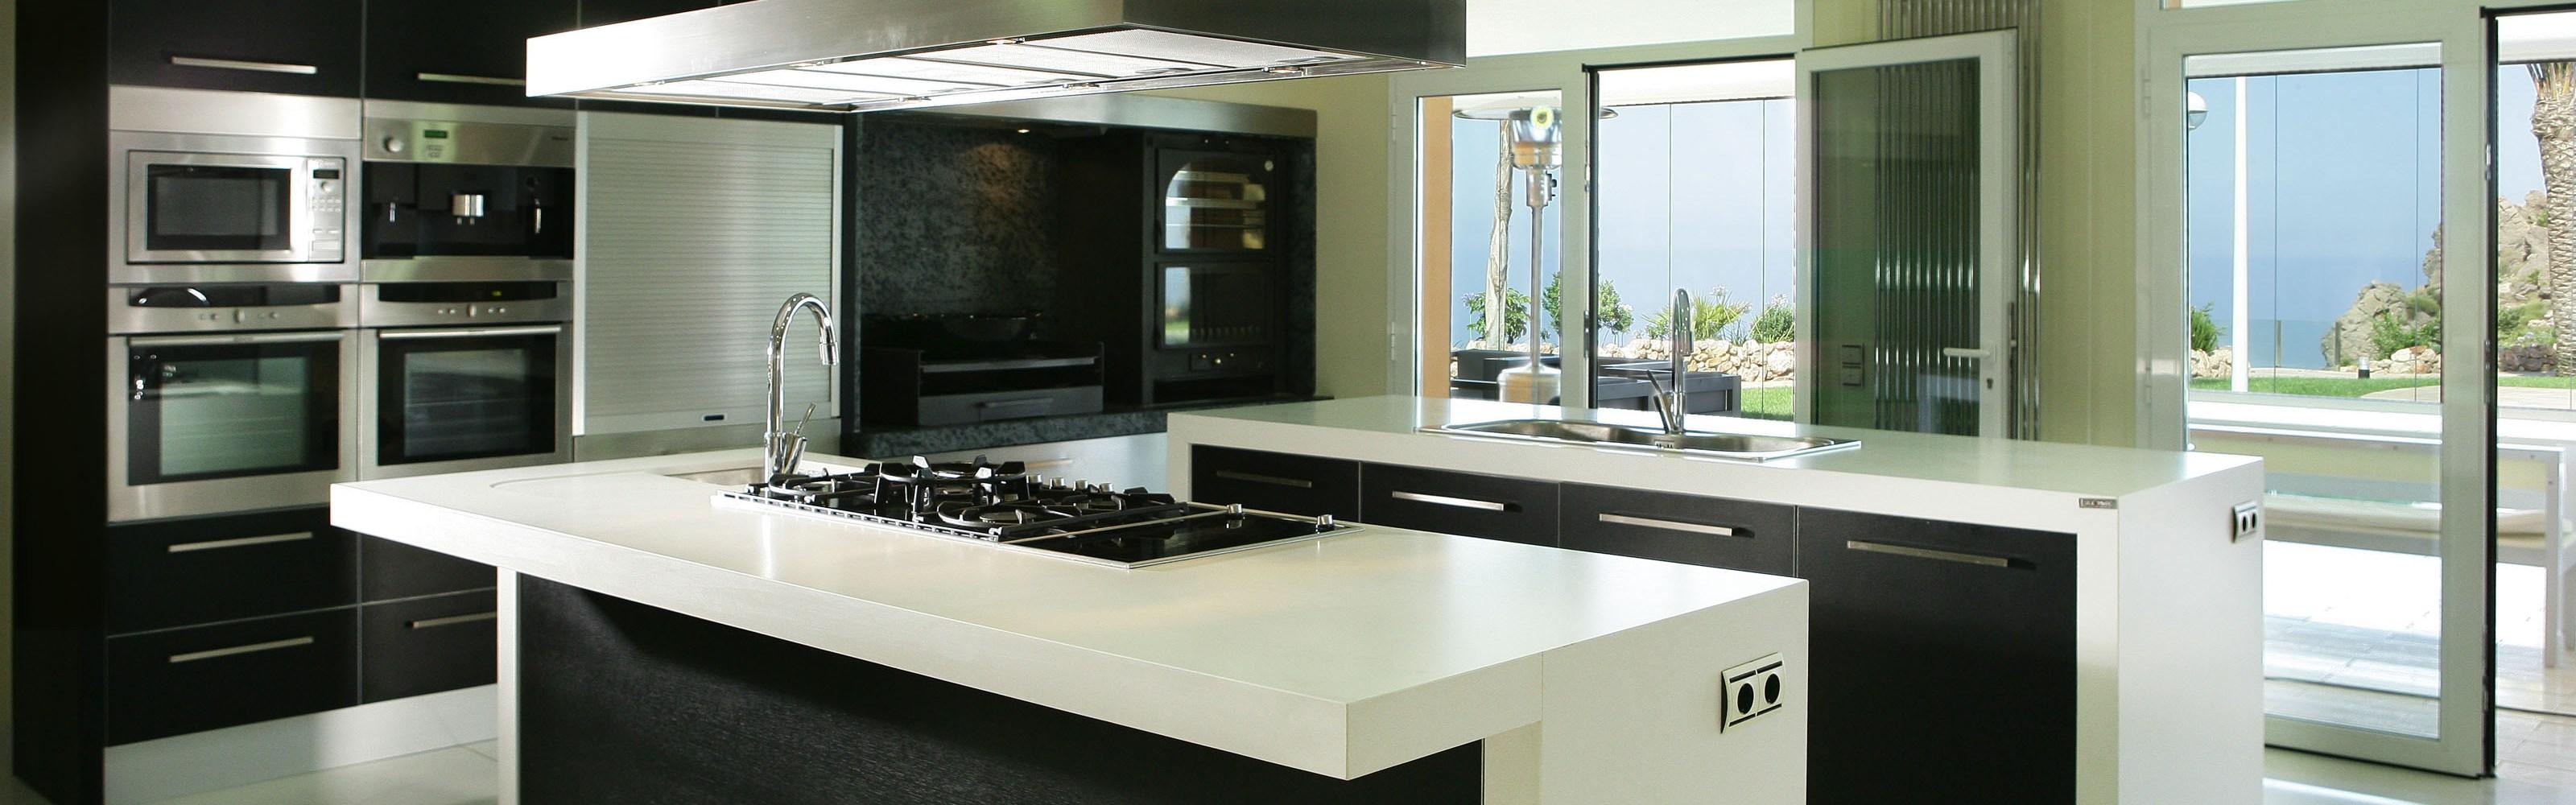 Bancadas de cocina de granito - Bancadas de cocina ...